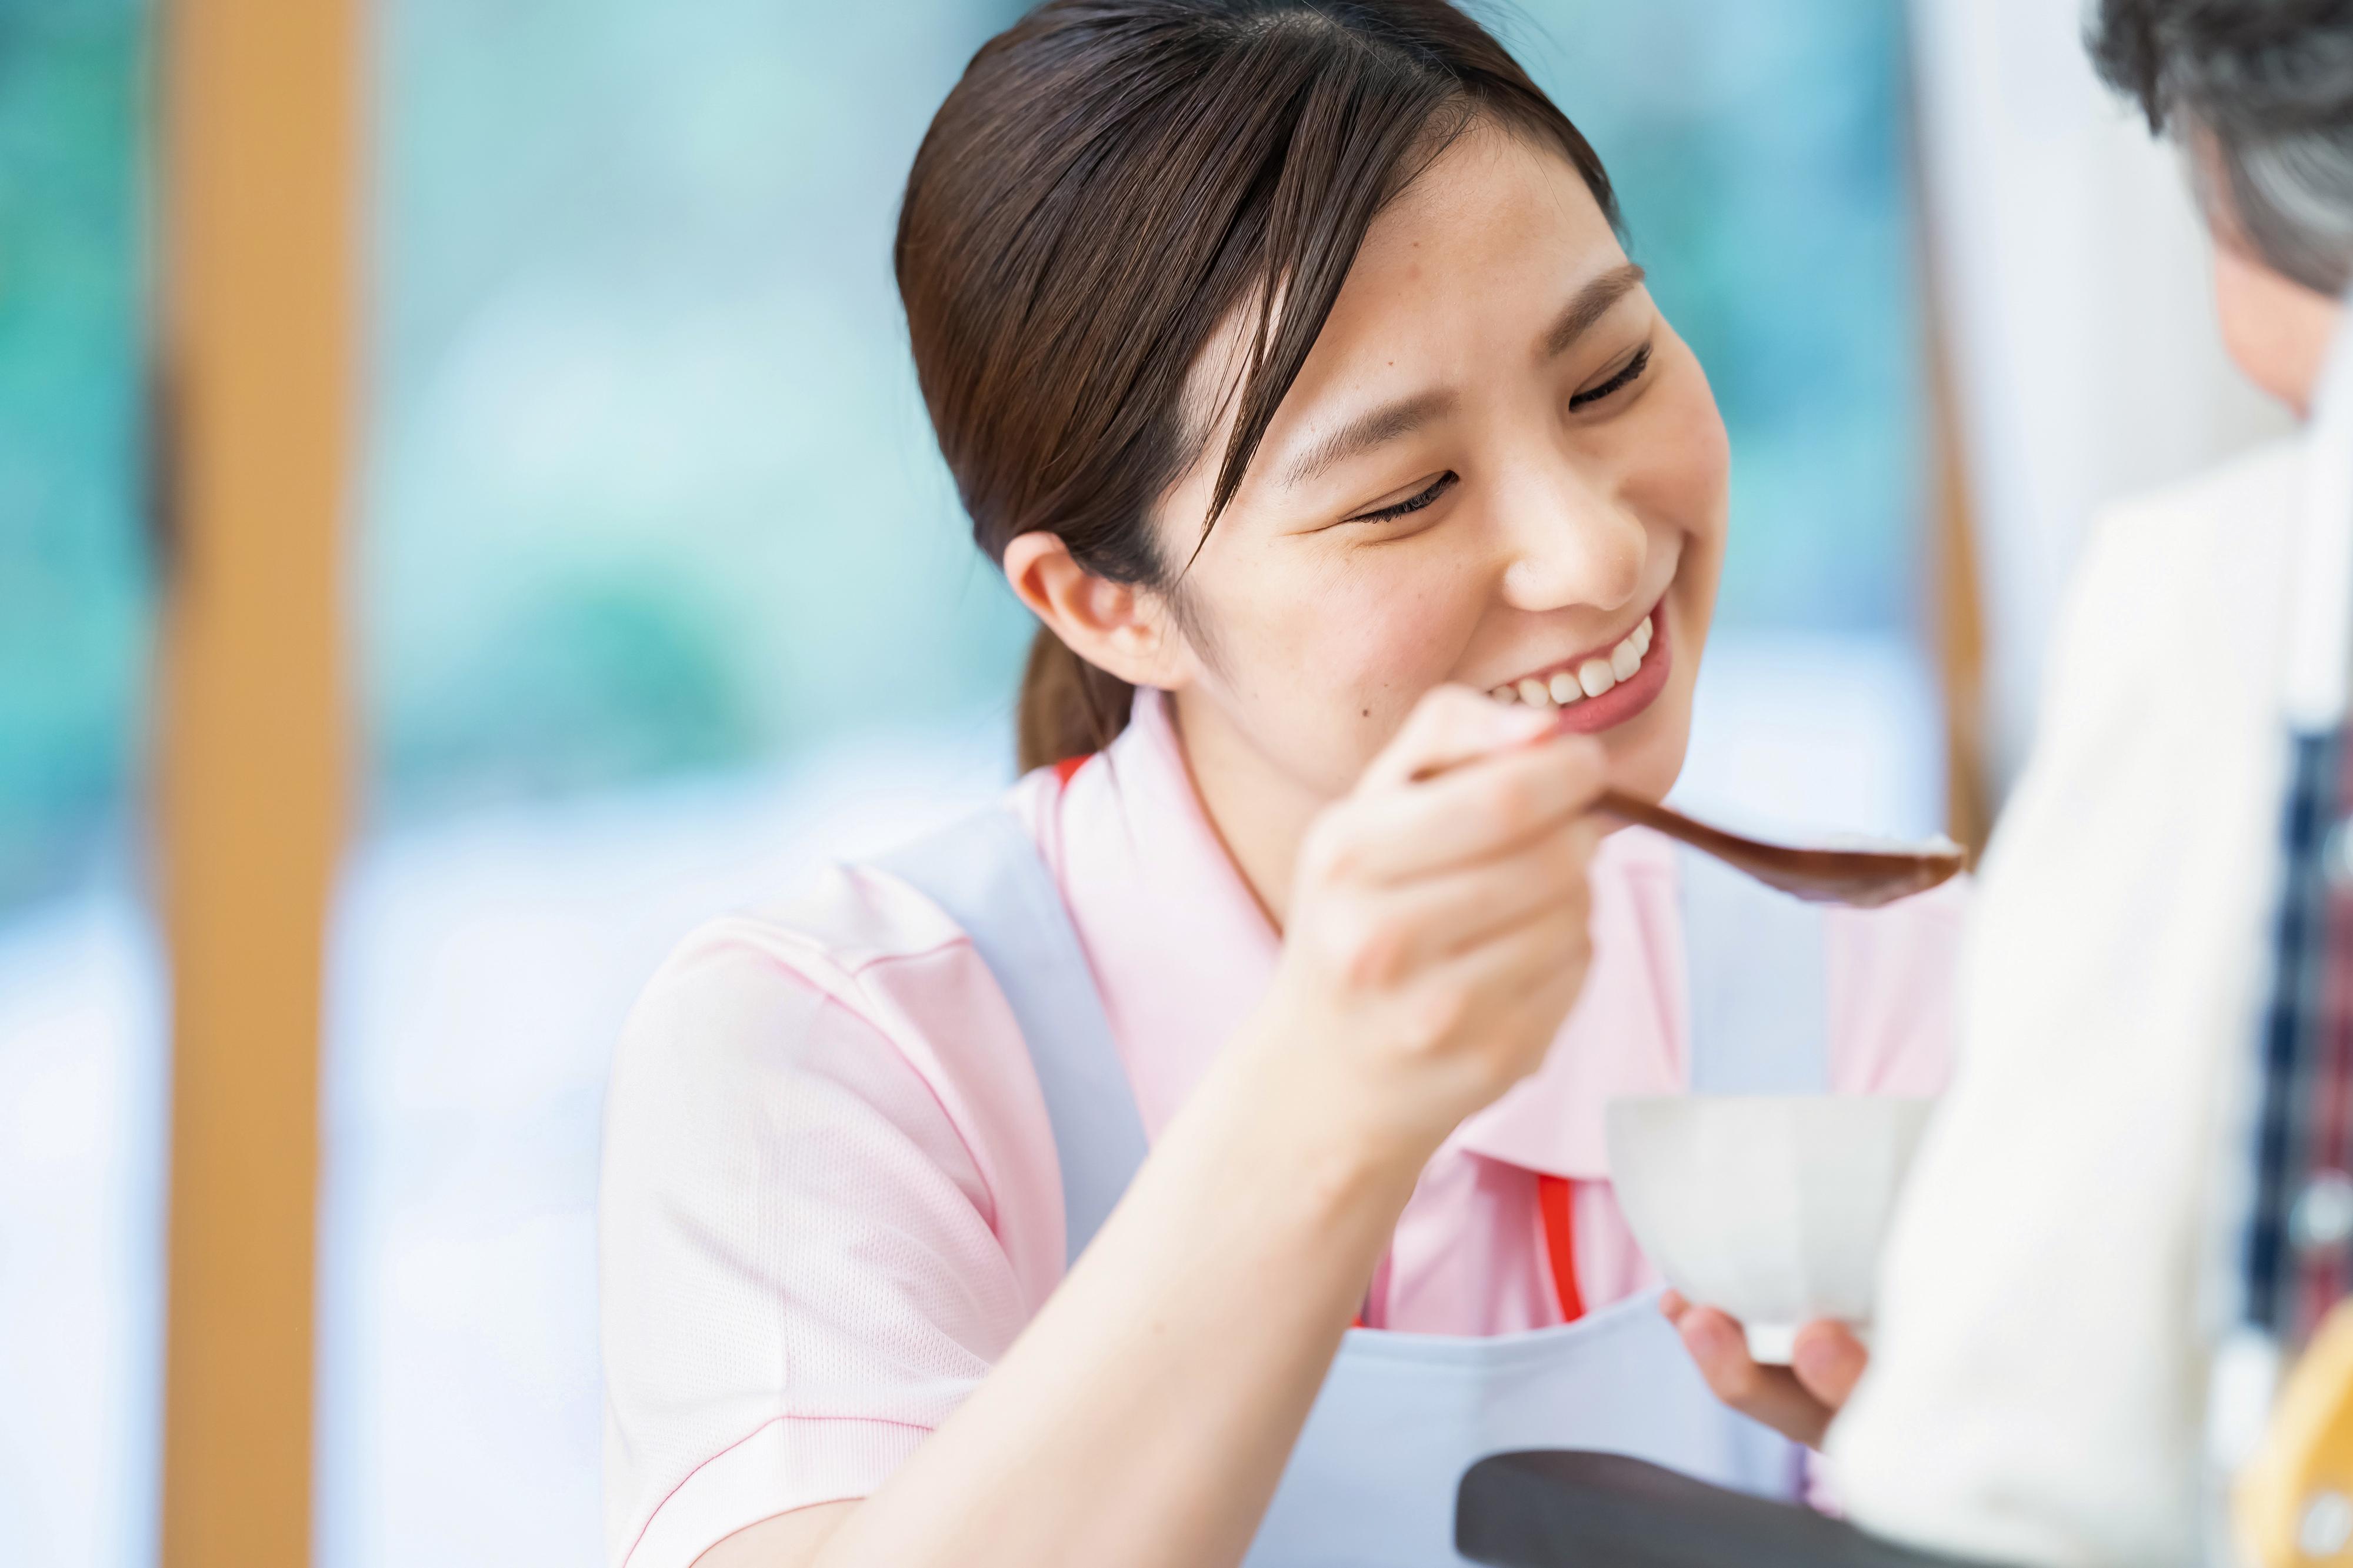 適切なアドバイス それぞれの事業所に適したアドバイス、指導が受けられます。